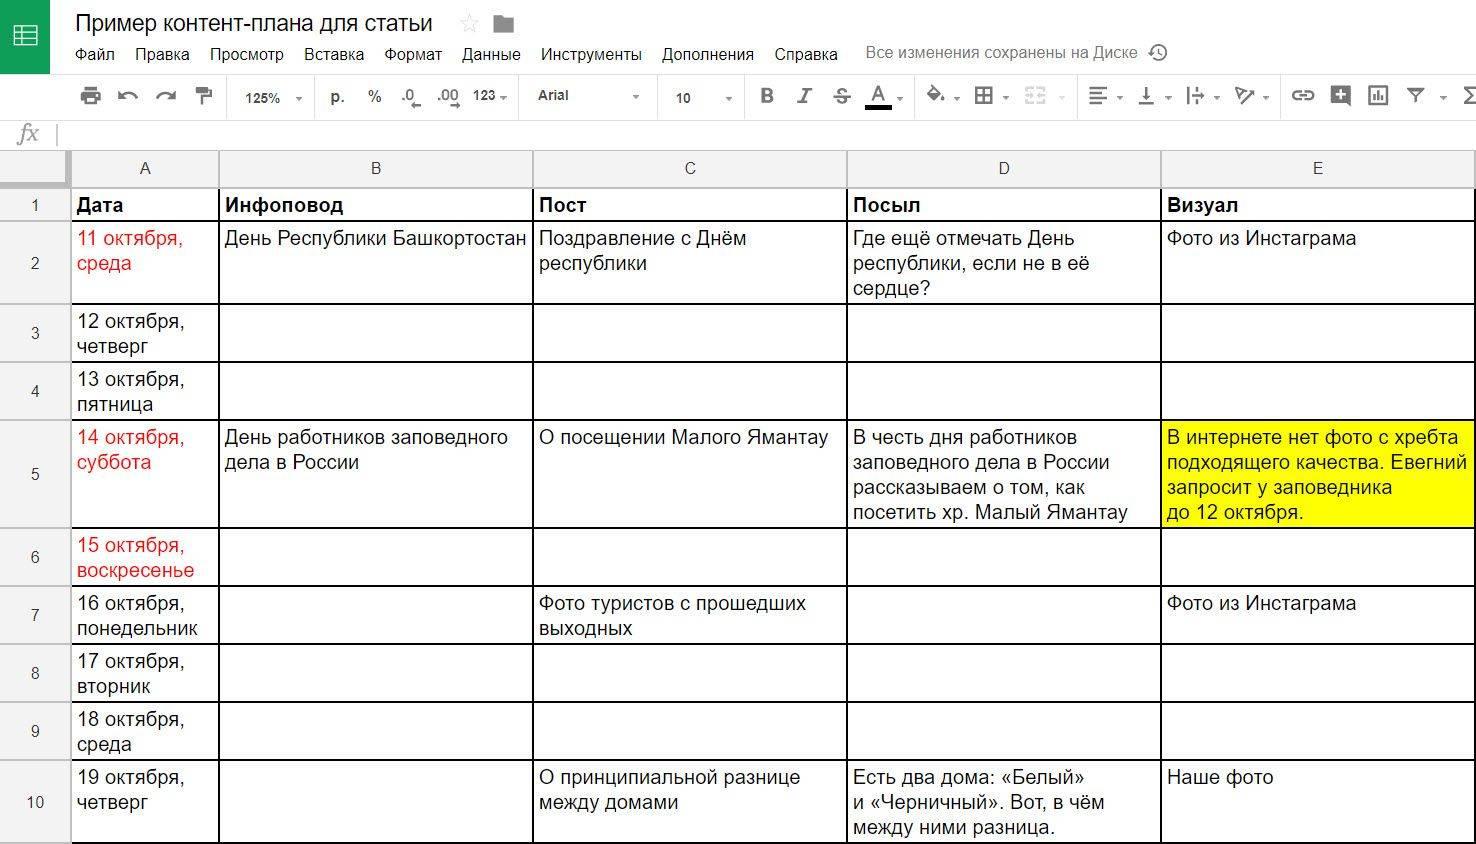 Как составить контент-план для инстаграм: примеры и шаблоны